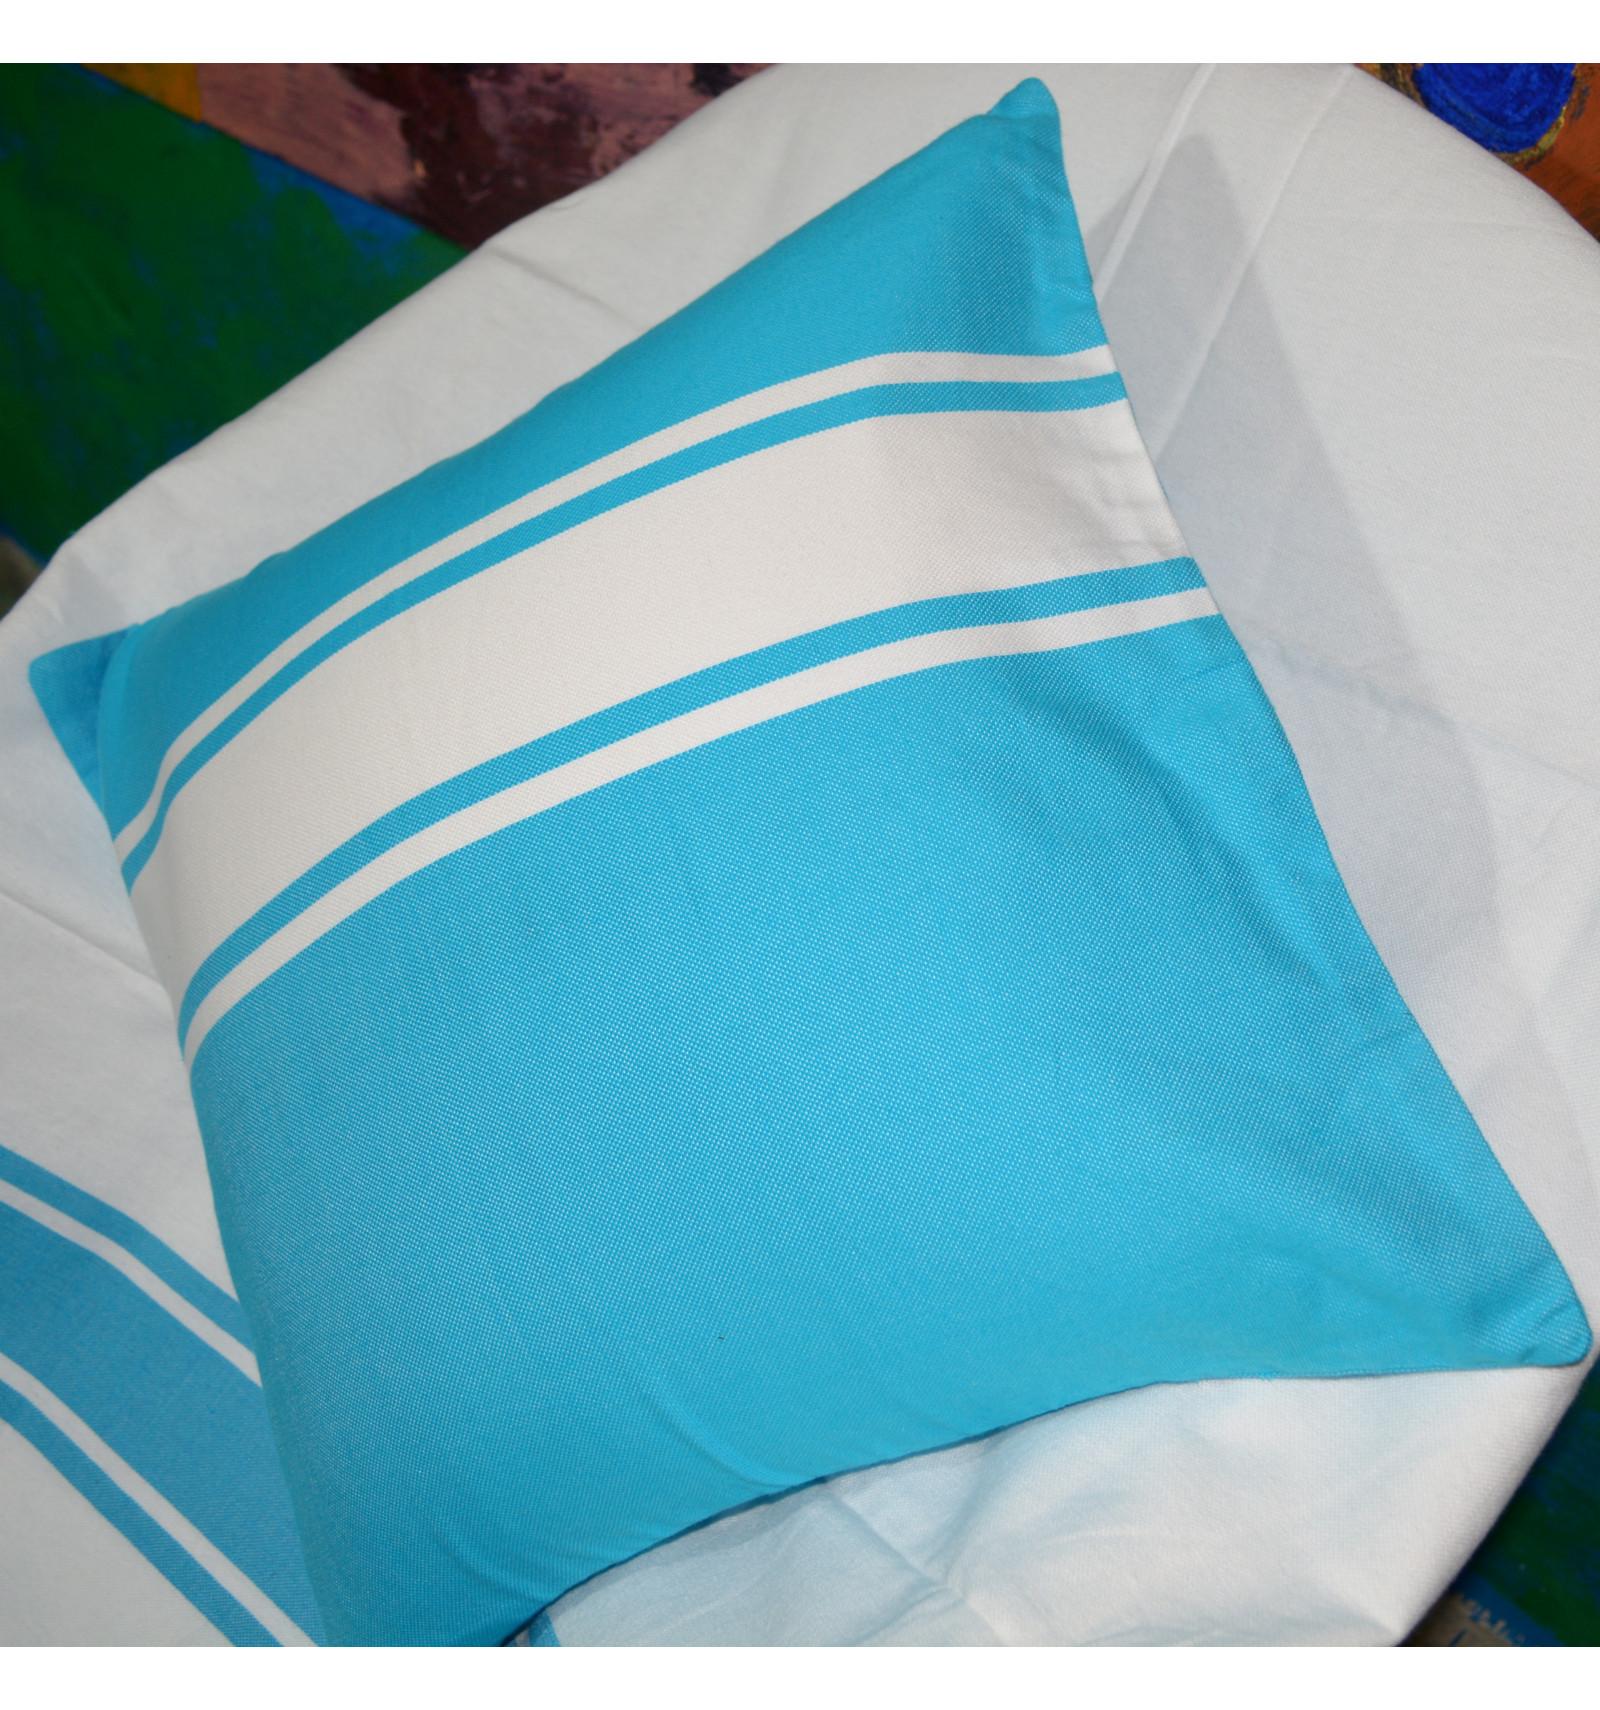 housse de coussin 40x40 fouta turquoise. Black Bedroom Furniture Sets. Home Design Ideas